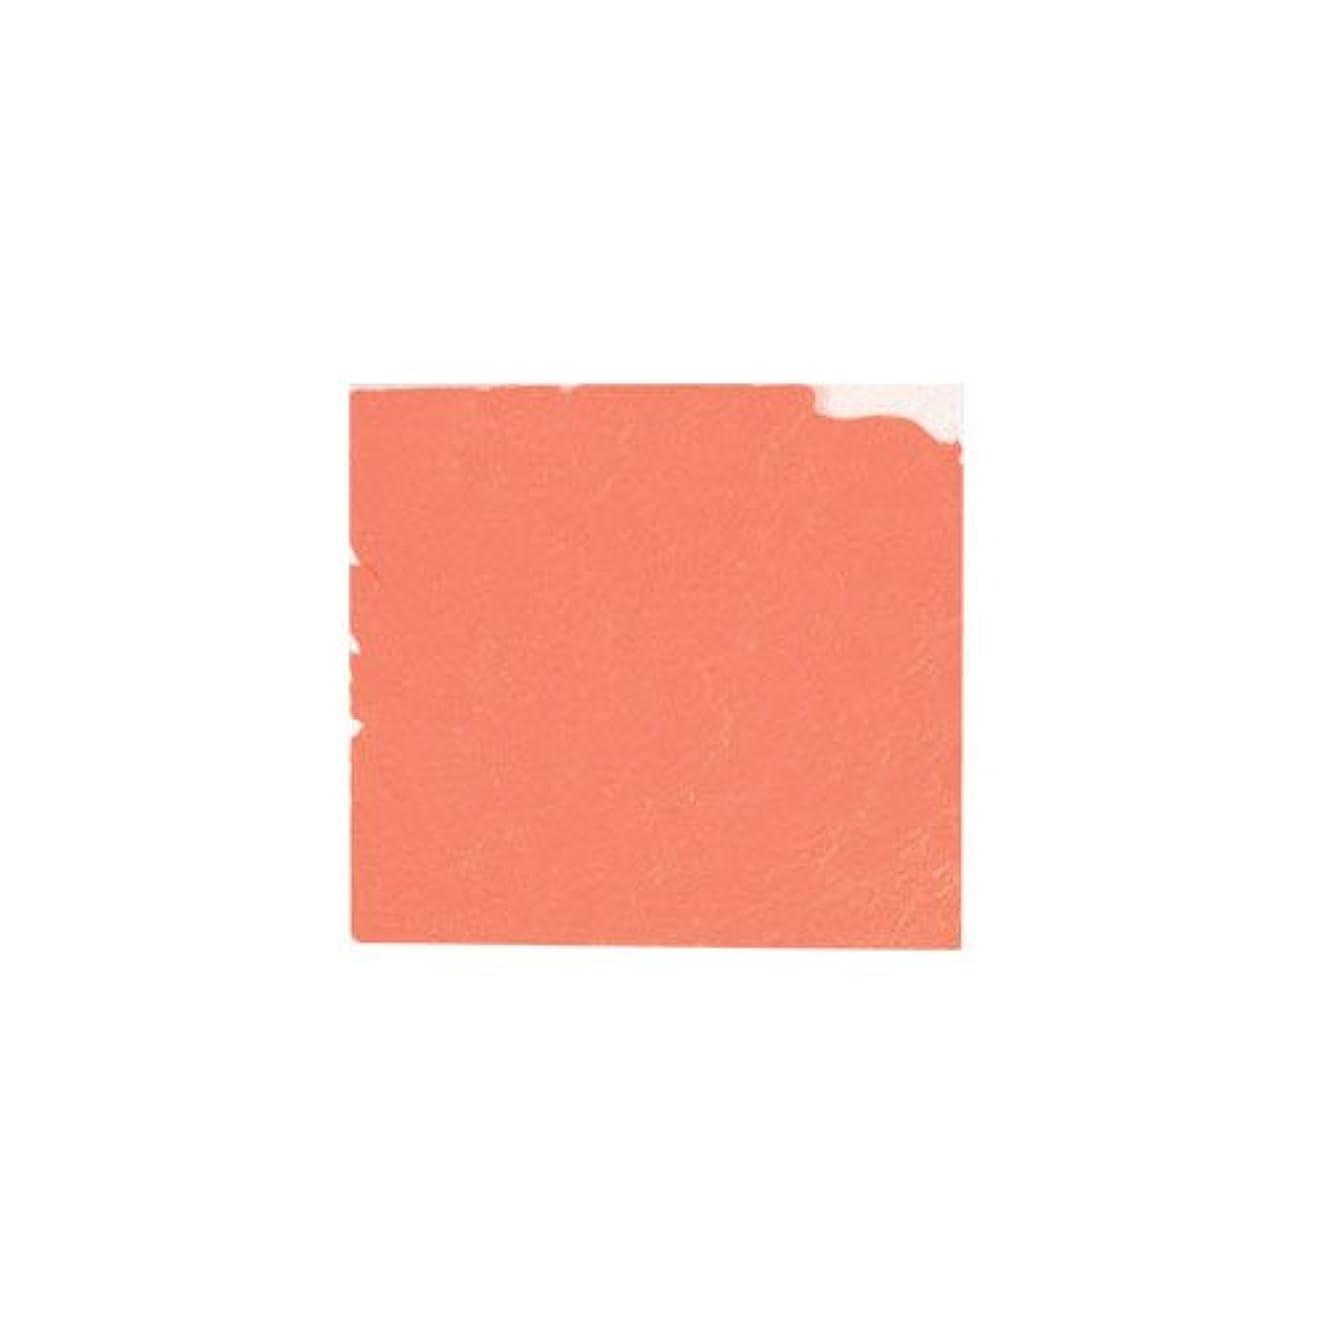 間違い魅力しかしピカエース ネイル用パウダー カラー純銀箔 #606 緋色 3.5㎜角×5枚